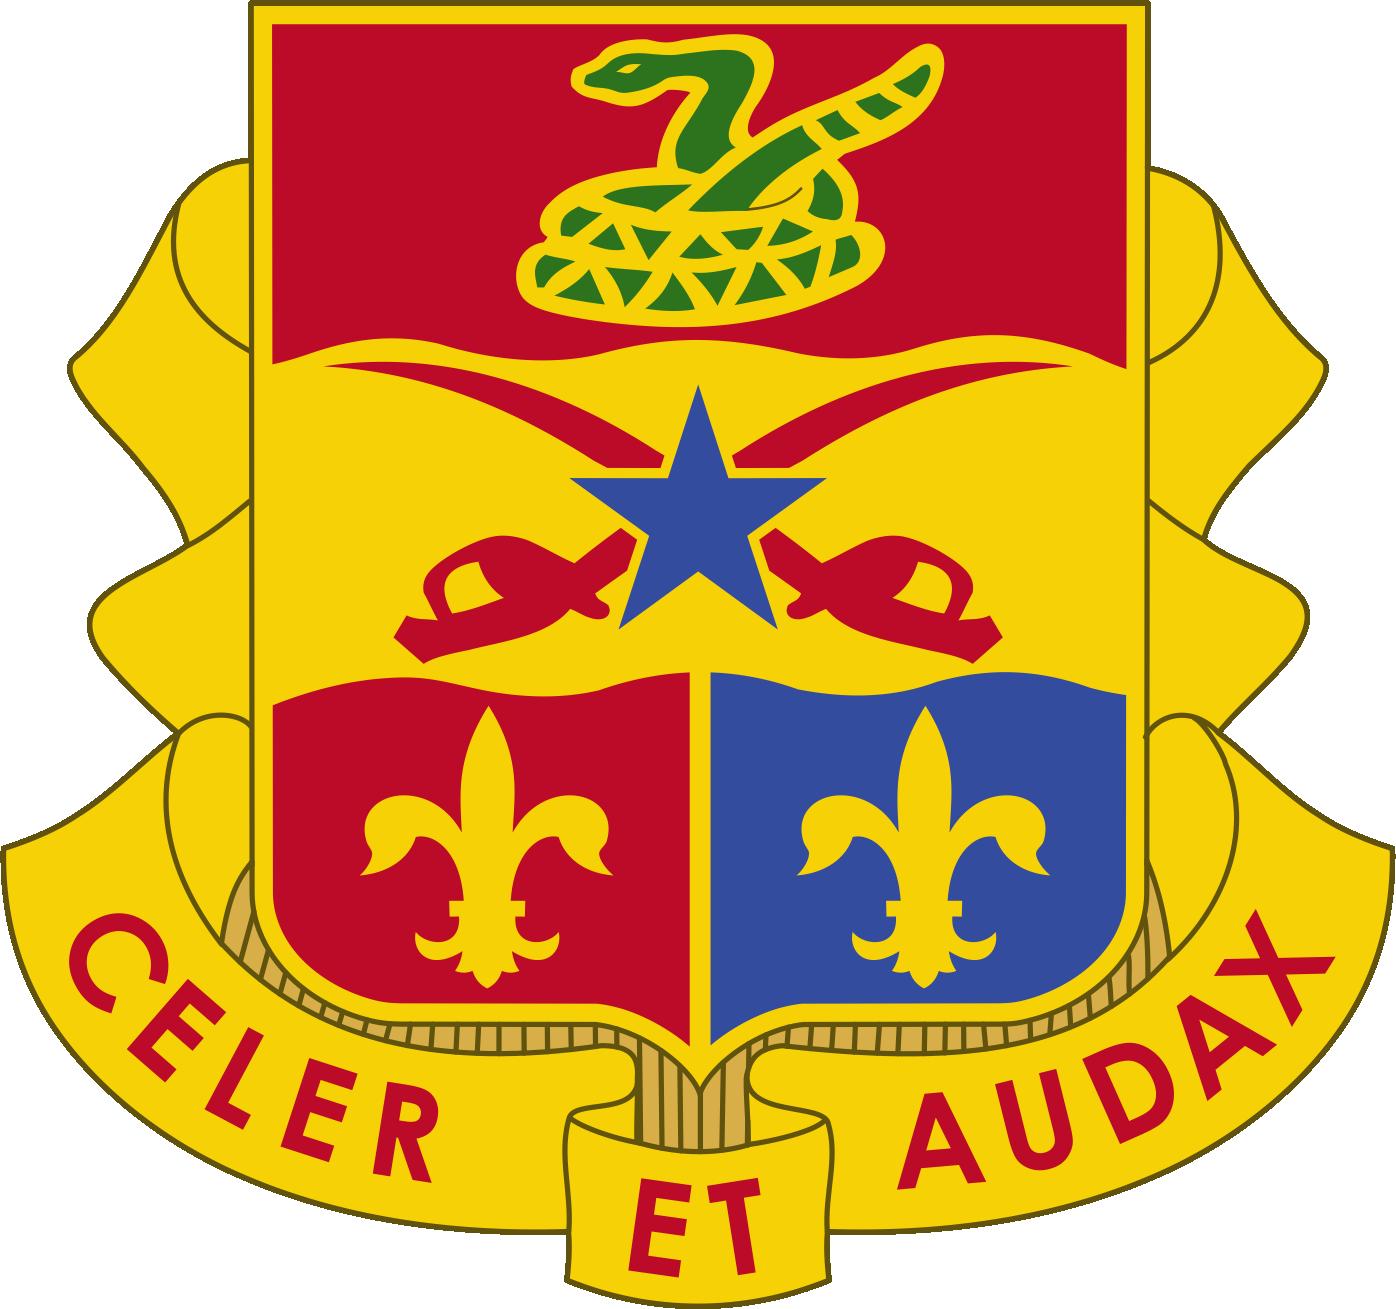 6th Artillery Regiment Houston Astros Logo Astros Logo Sport Team Logos